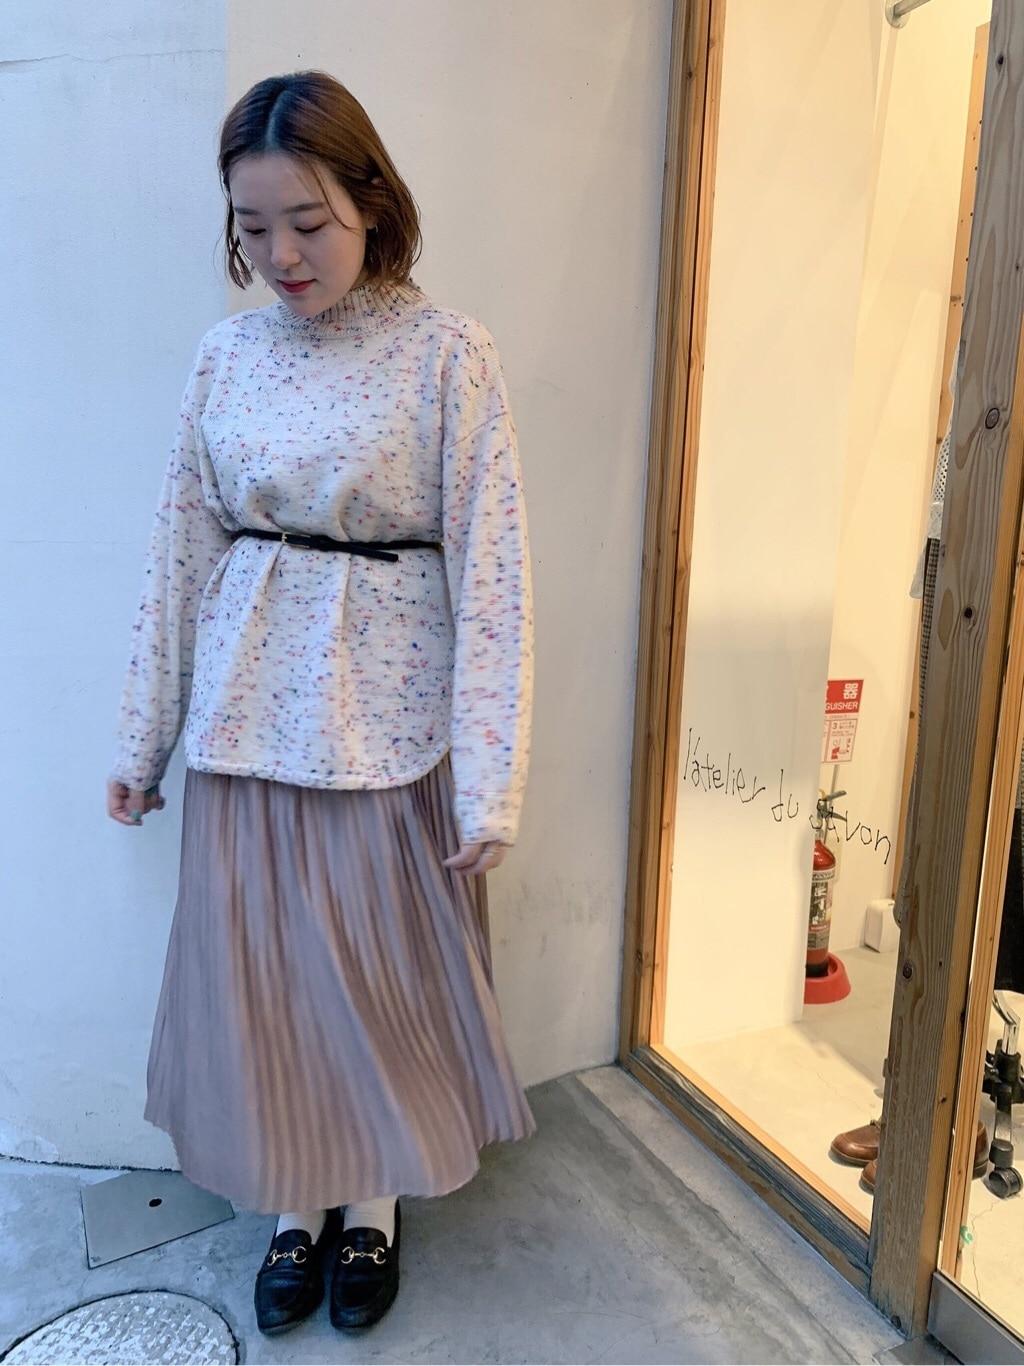 l'atelier du savon 京都路面 身長:166cm 2019.11.07